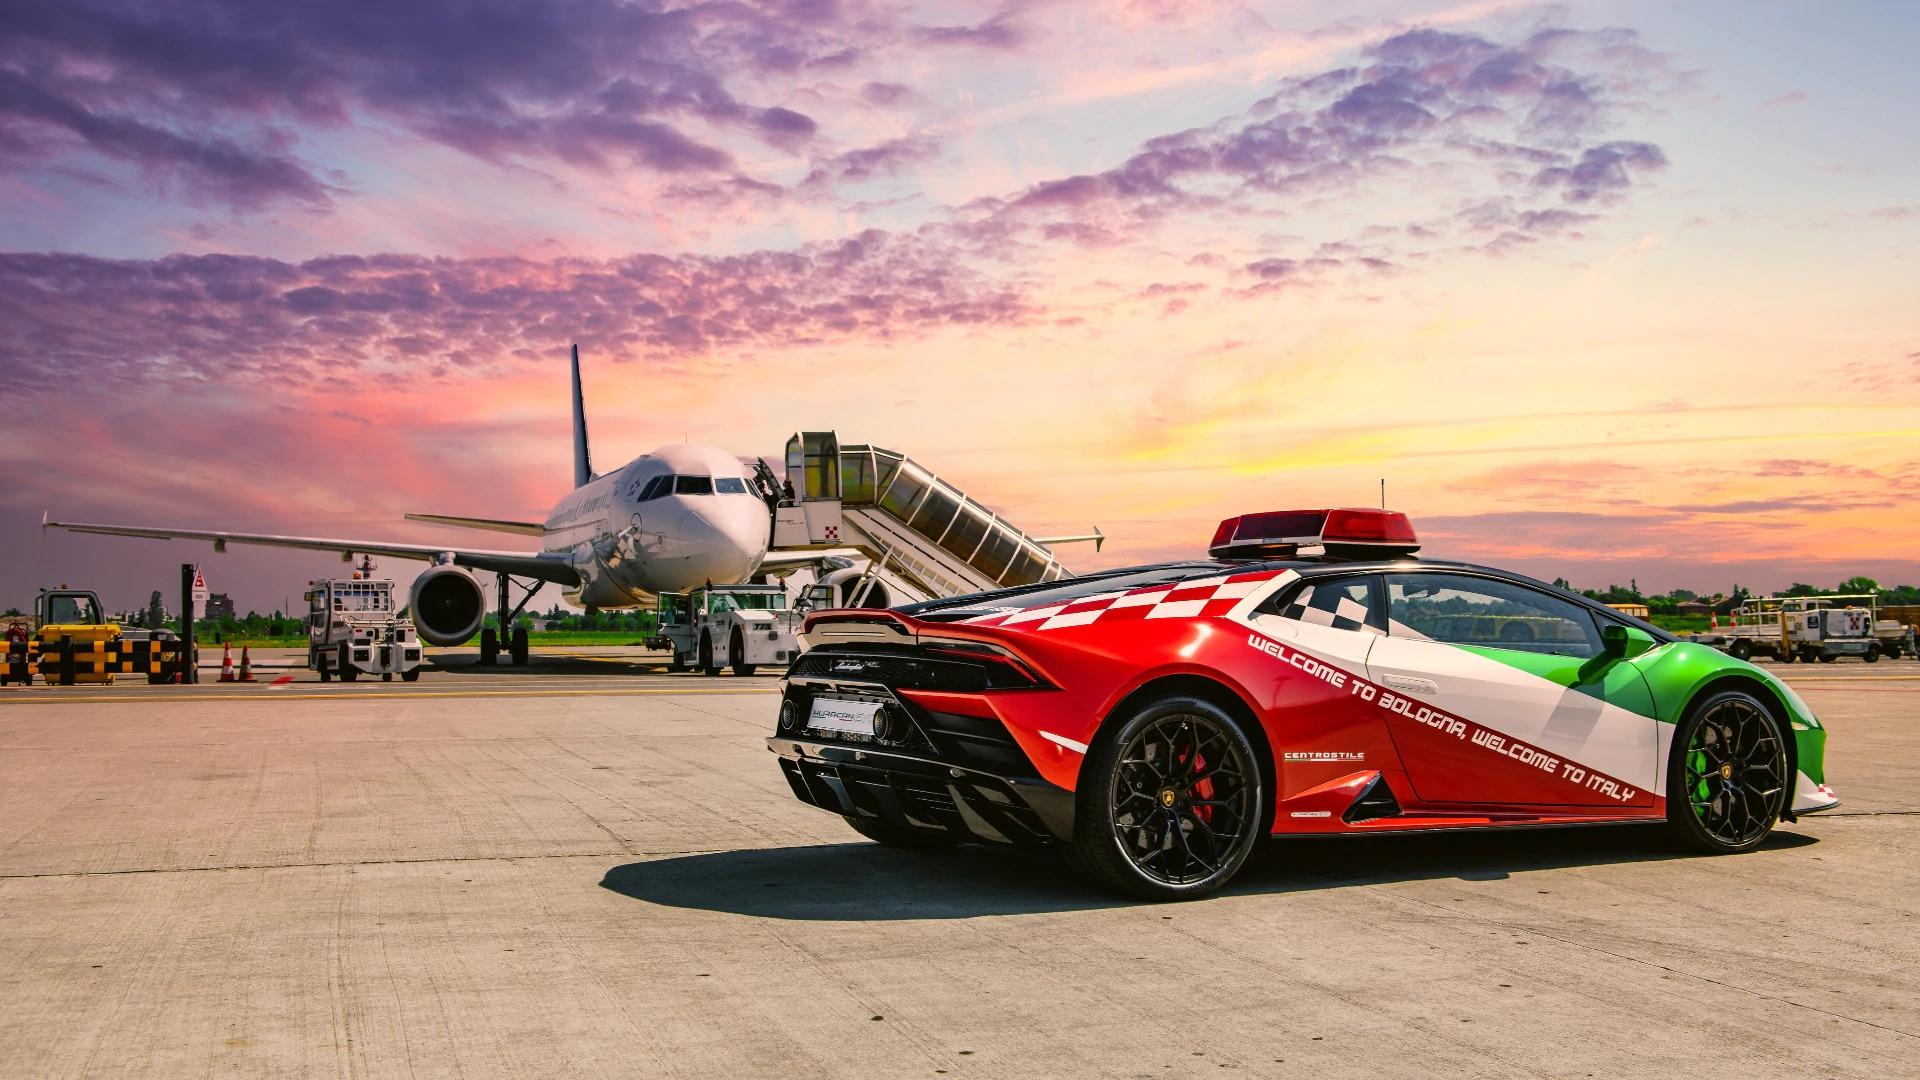 Una nuova Lamborghini Huracan Evo per l'aeroporto di Bologna.